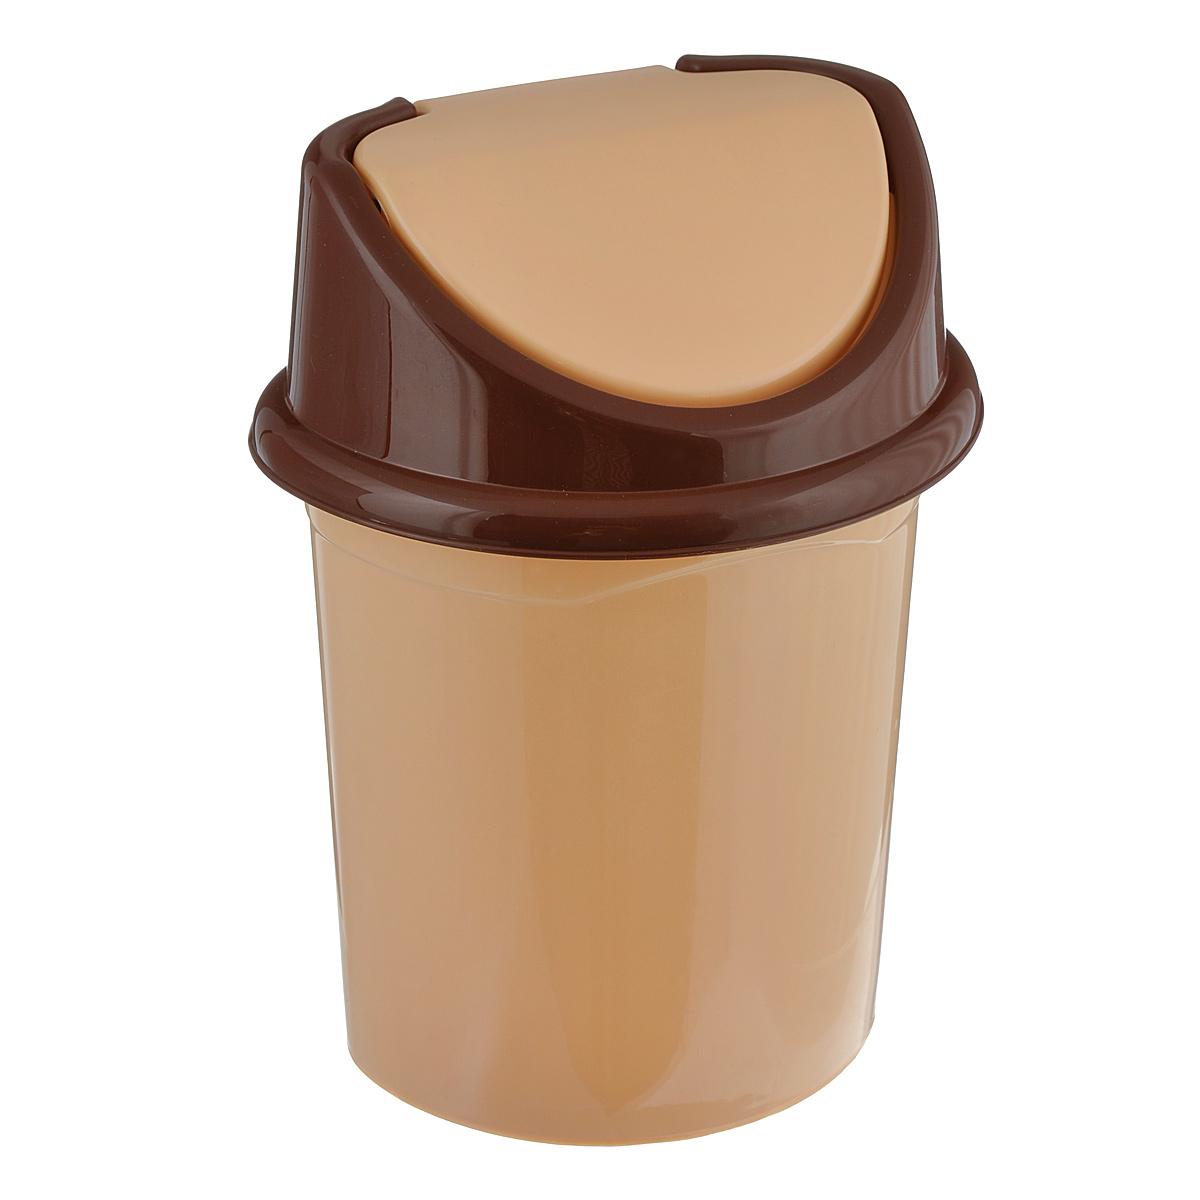 Контейнер для мусора Violet, цвет: бежевый, коричневый, 14 л0414/2Контейнер для мусора Violet изготовлен из прочного пластика. Контейнер снабжен удобной съемной крышкой с подвижной перегородкой. В нем удобно хранить мелкий мусор. Благодаря лаконичному дизайну такой контейнер идеально впишется в интерьер и дома, и офиса. Размер изделия: 29 см х 31,5 см х 45 см.